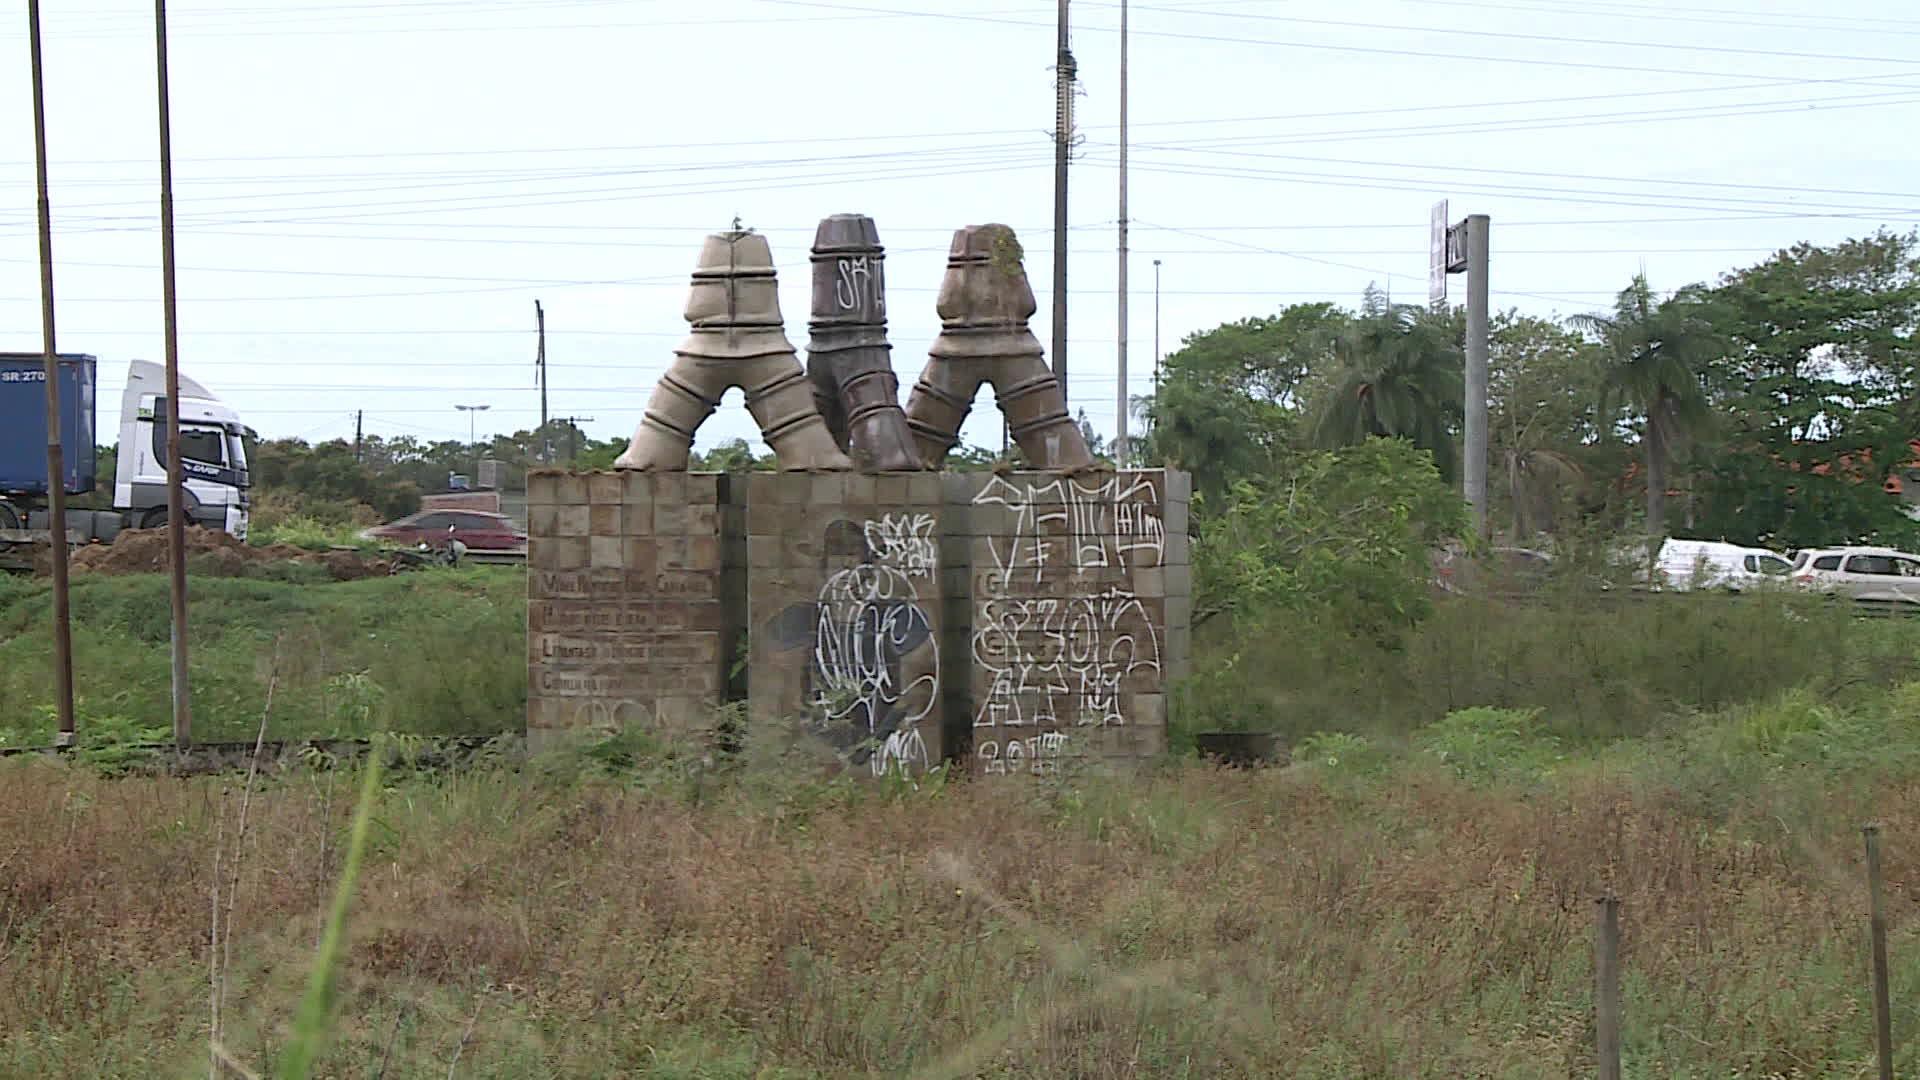 Pichada e abandonada, obra de Brennand em homenagem a heróis de batalha ganha plano de restauração